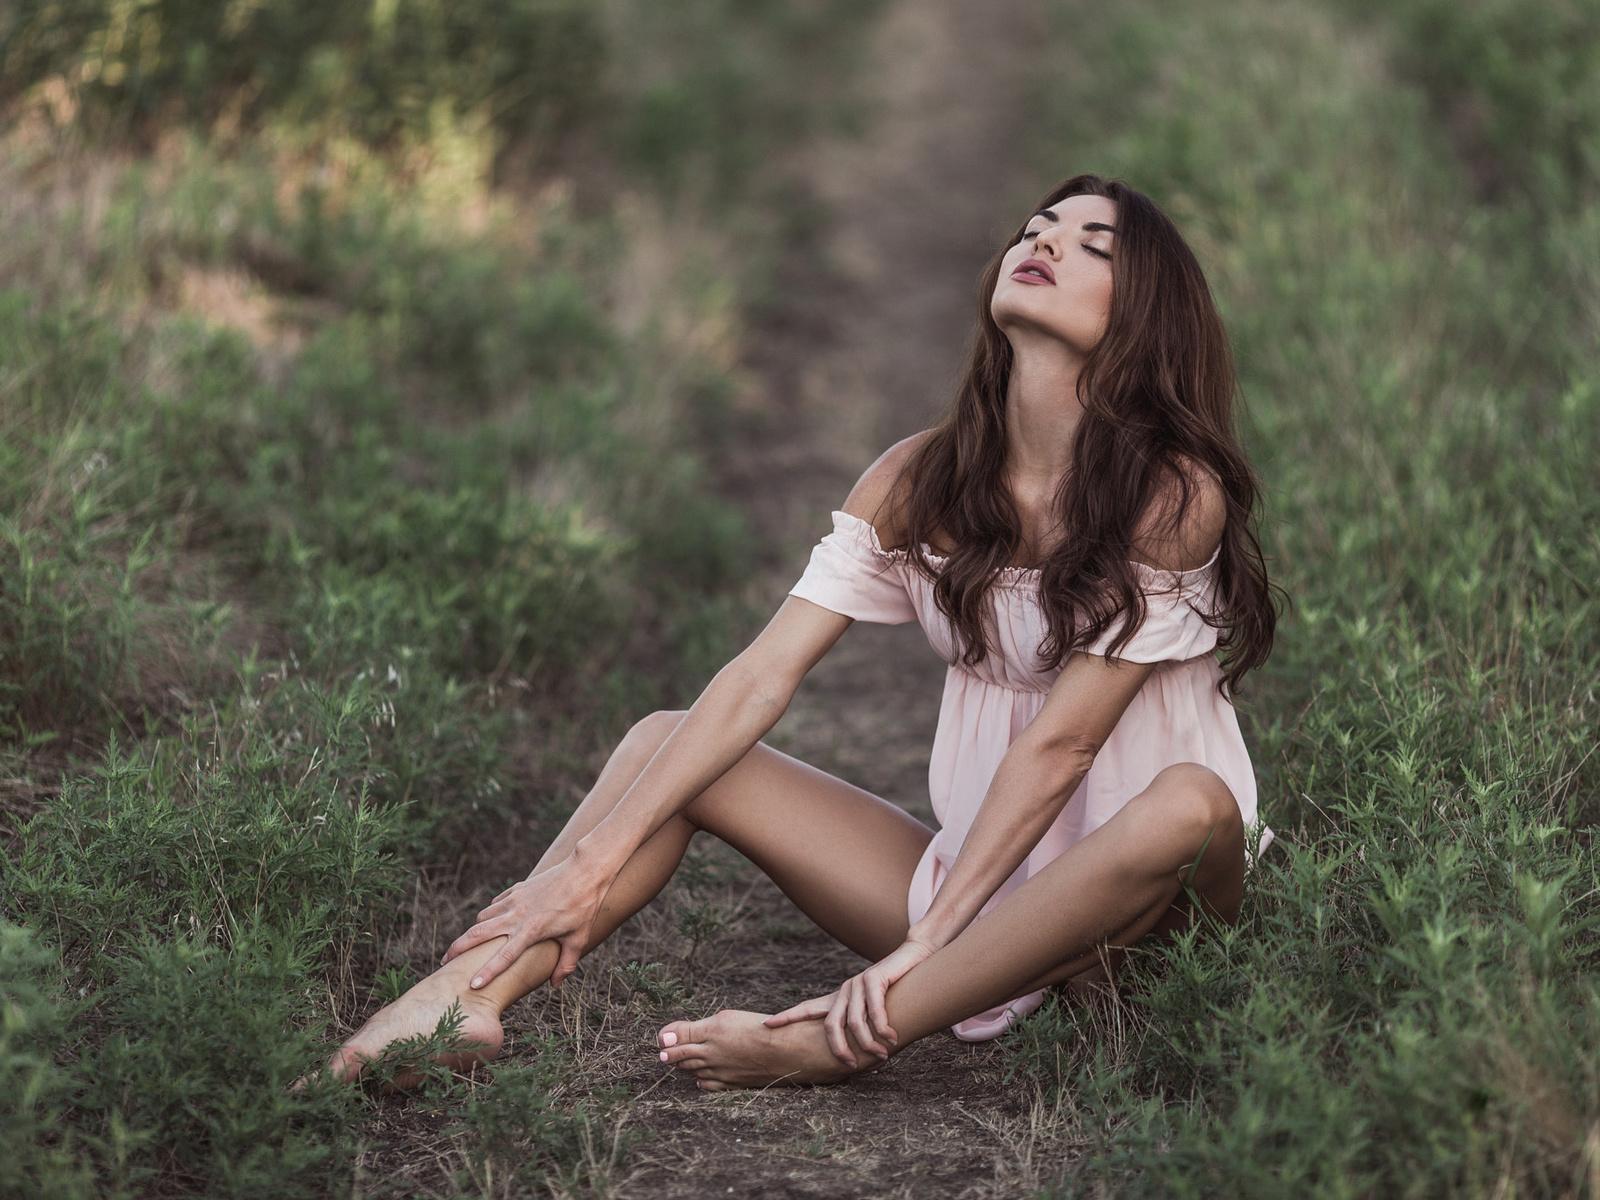 трава, прическа, зелень, шатенка, платье, на природе, поза, боке, поле, закрытые глаза, брюнетка, на земле, модель, голые плечи, сидит